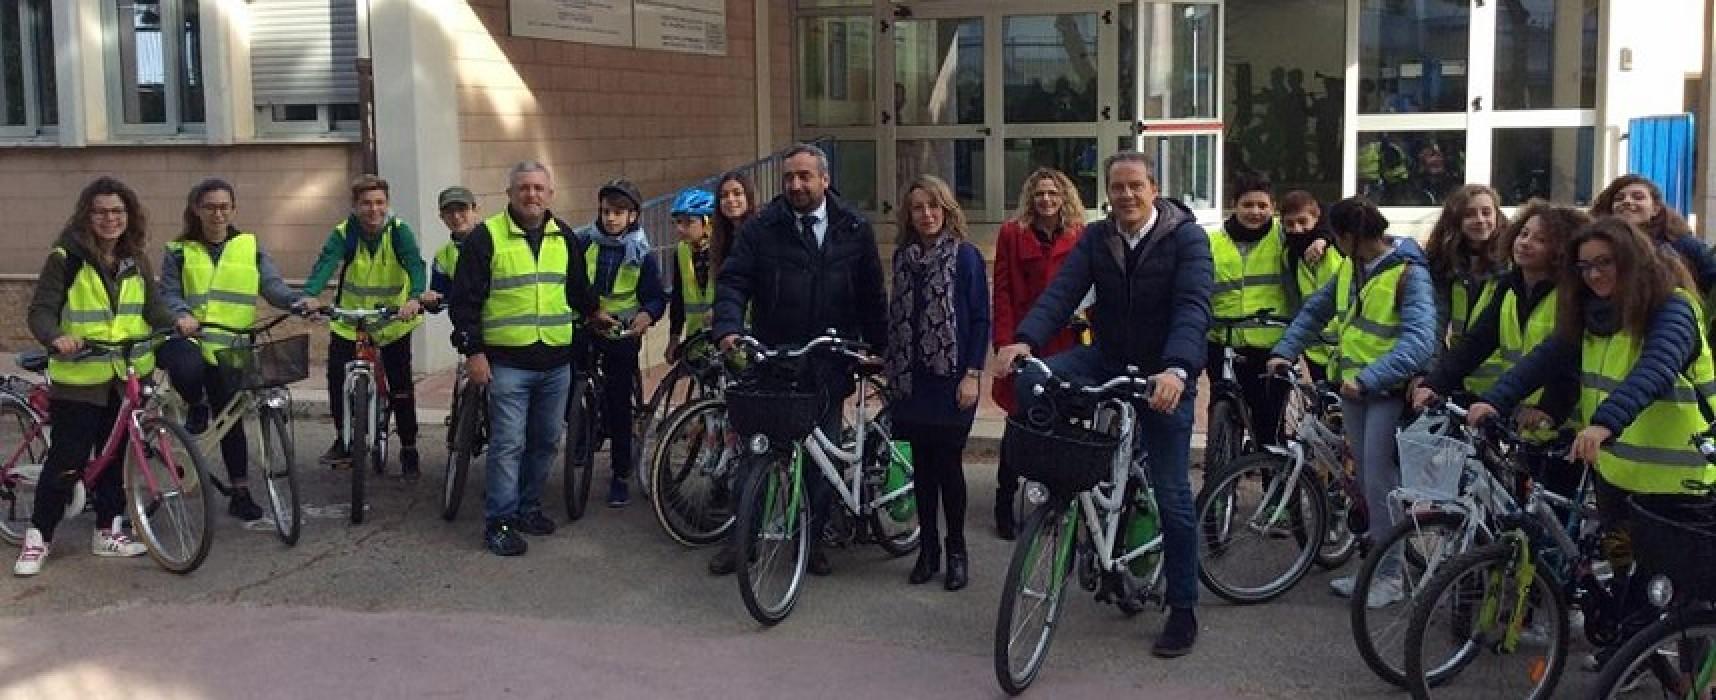 Mobilità sostenibile, ulteriori passi avanti del Comune di Bisceglie